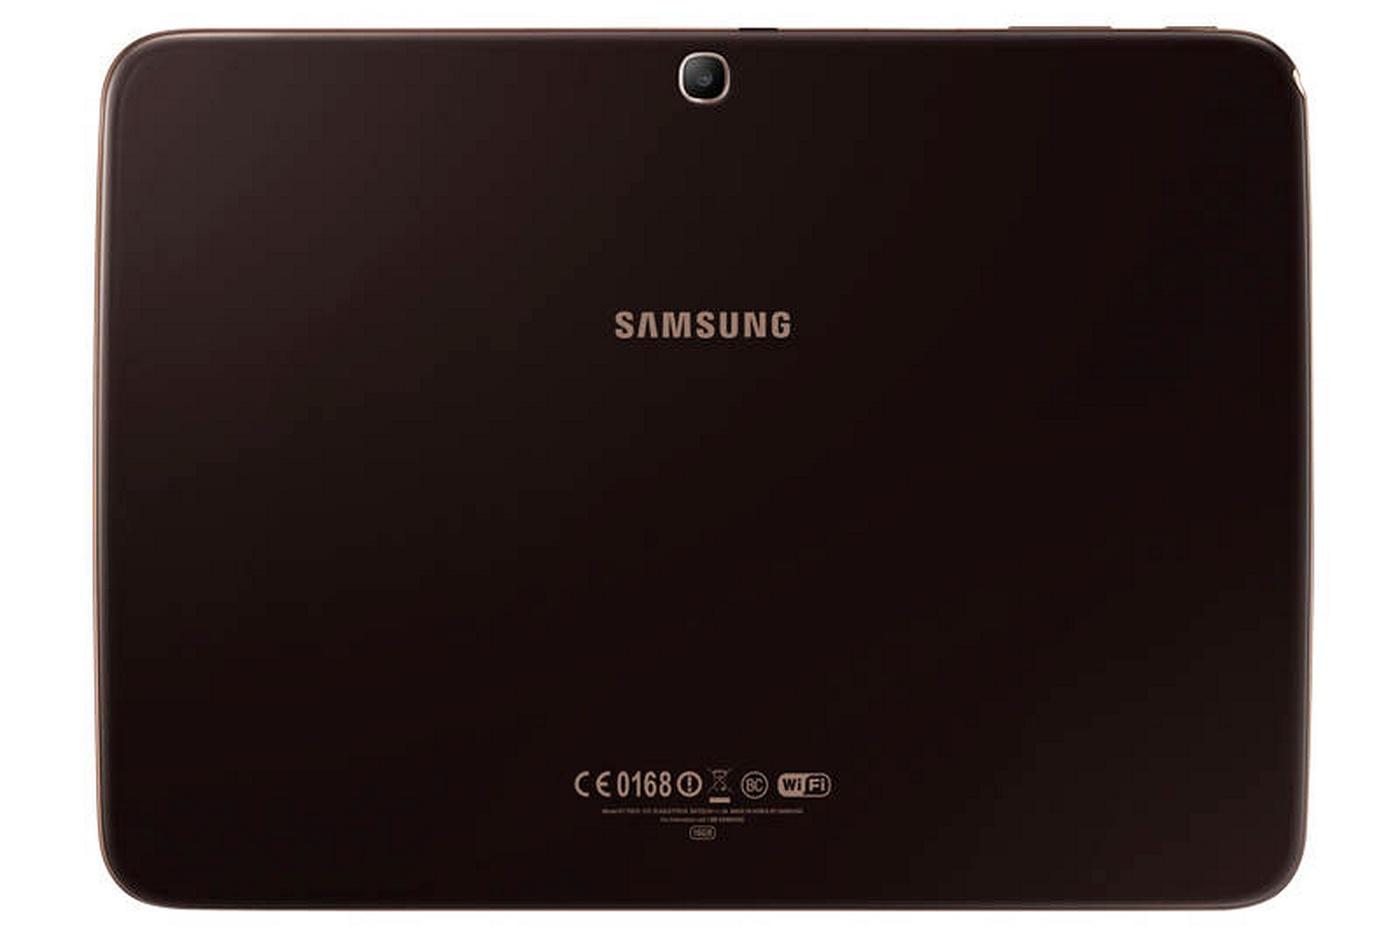 Samsung Galaxy Tab 3 10.1 - задняя крышка